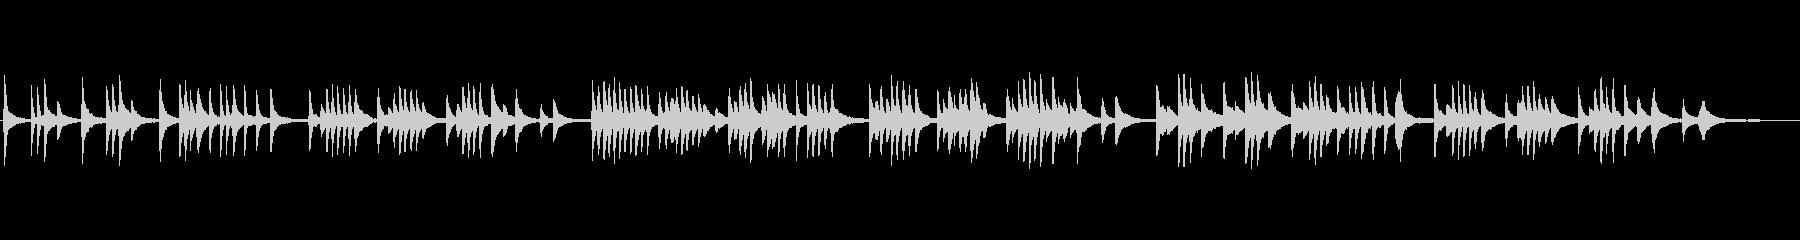 シンプルなヒーリング系ピアノソロの未再生の波形